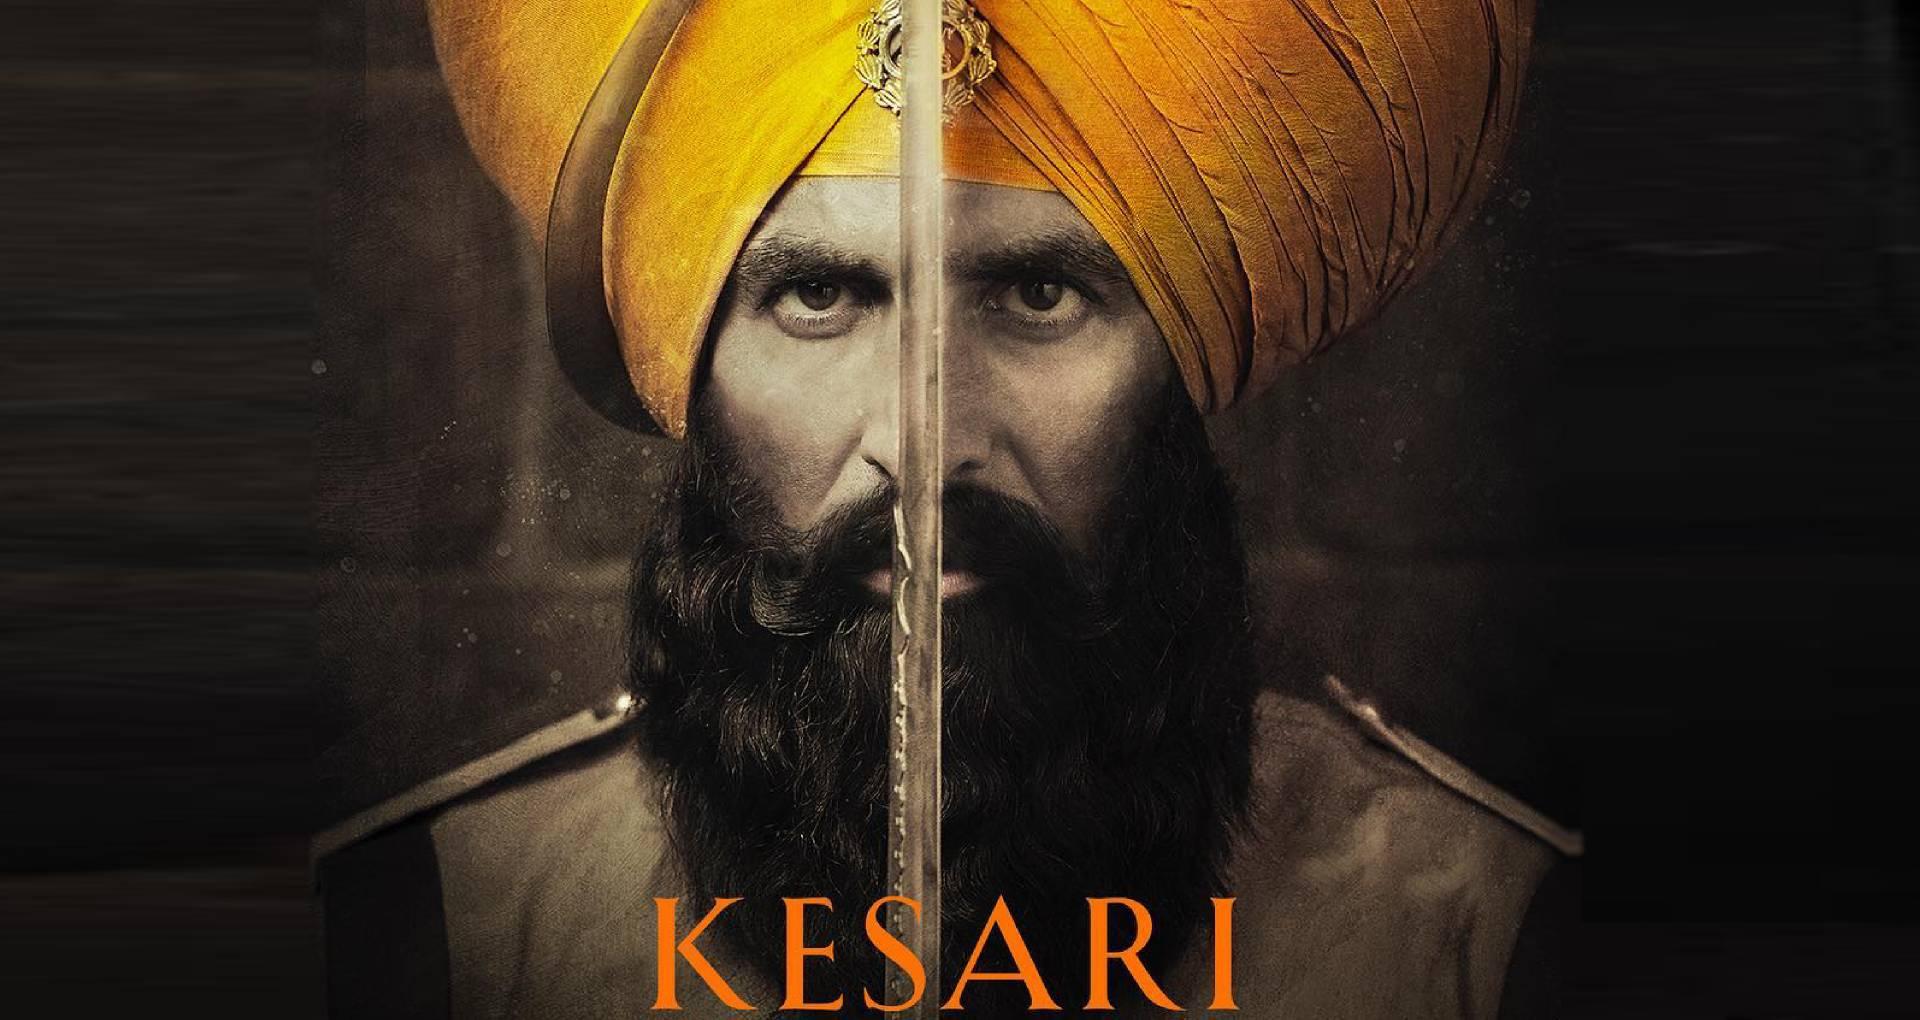 फिल्म केसरी का पहला टीजर रिलीज, अफगानों से यूं टक्कर लेते दिखी अक्षय कुमार की खून से लथपथ तलवार